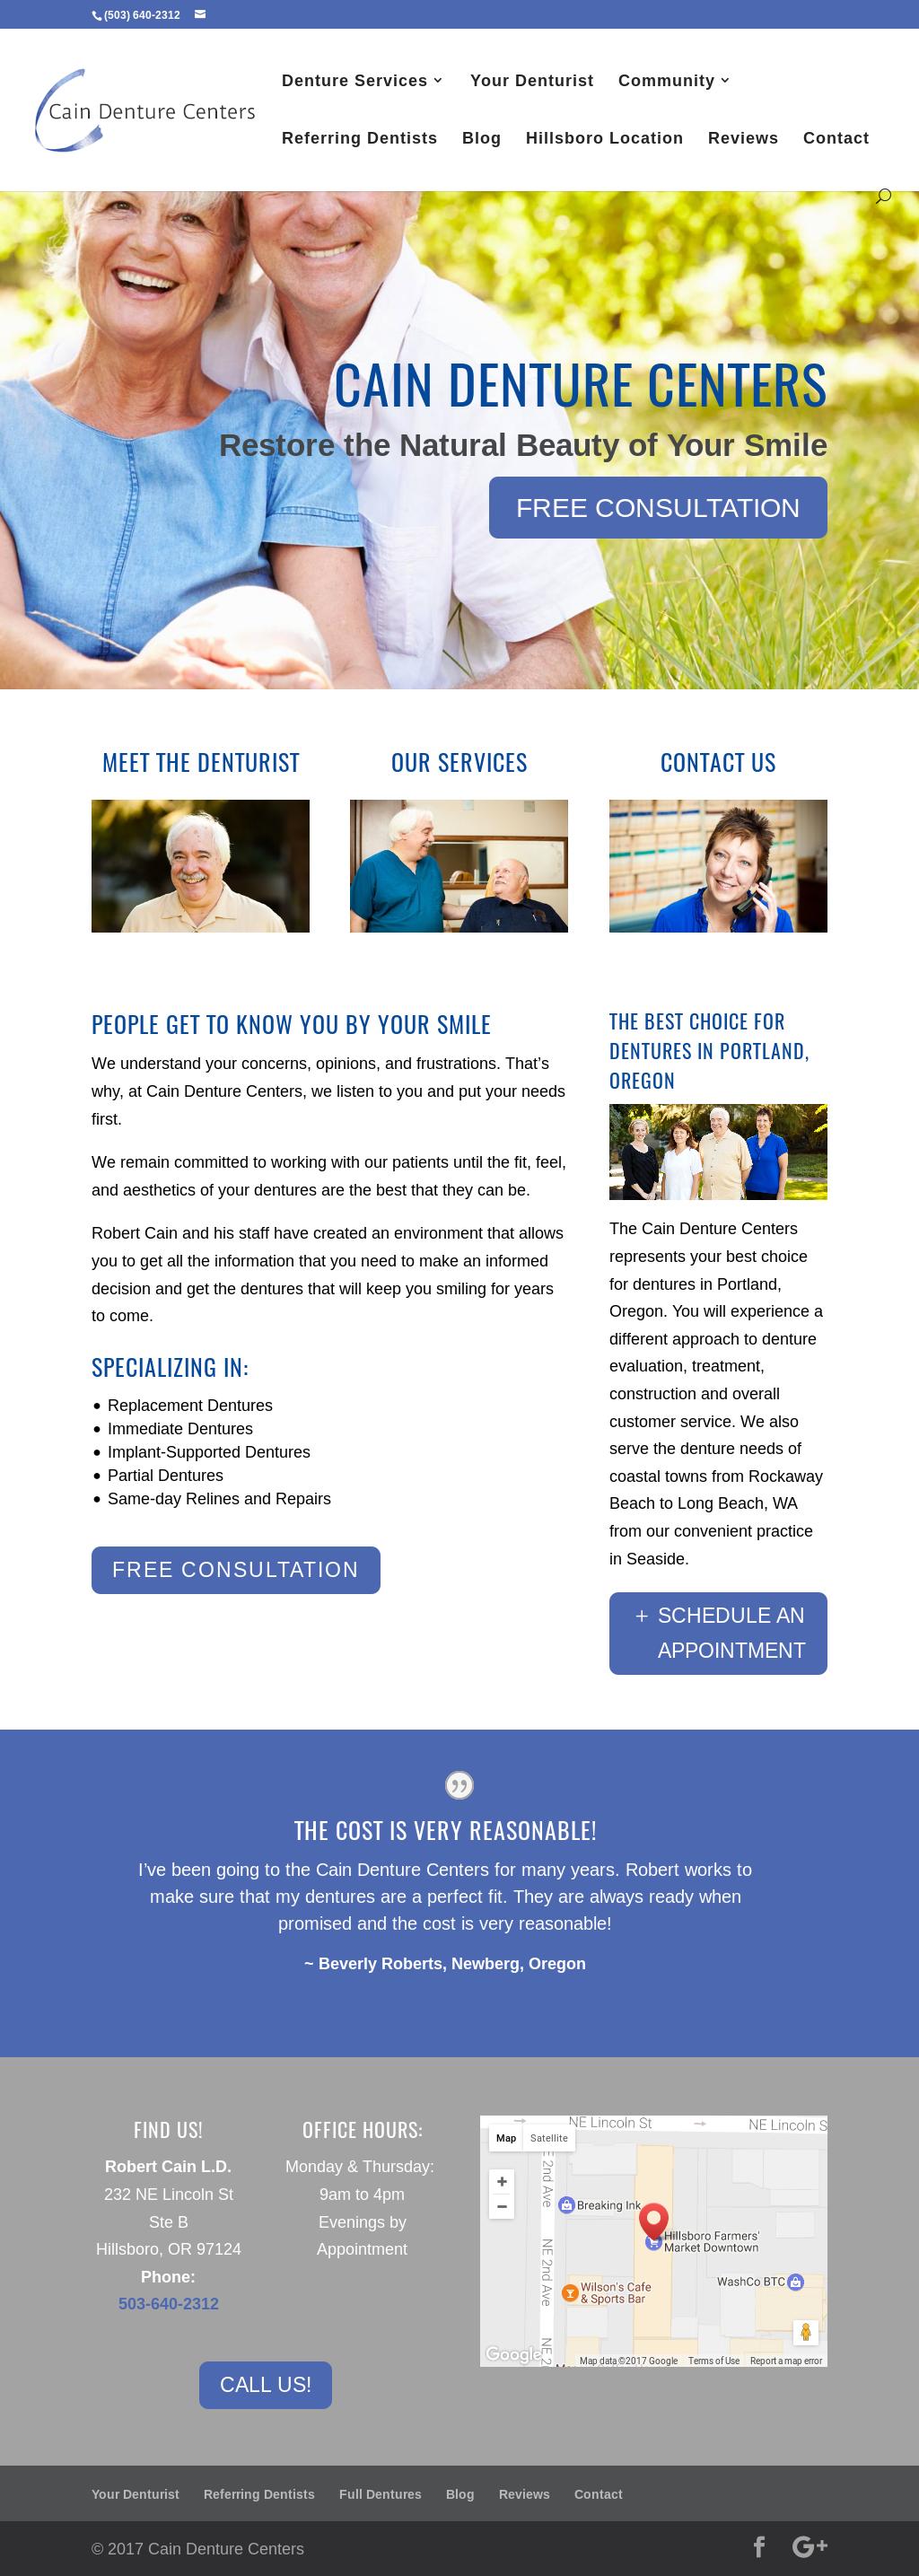 plans nebraska ne your lincoln affordable dentures discount background in dental best solution